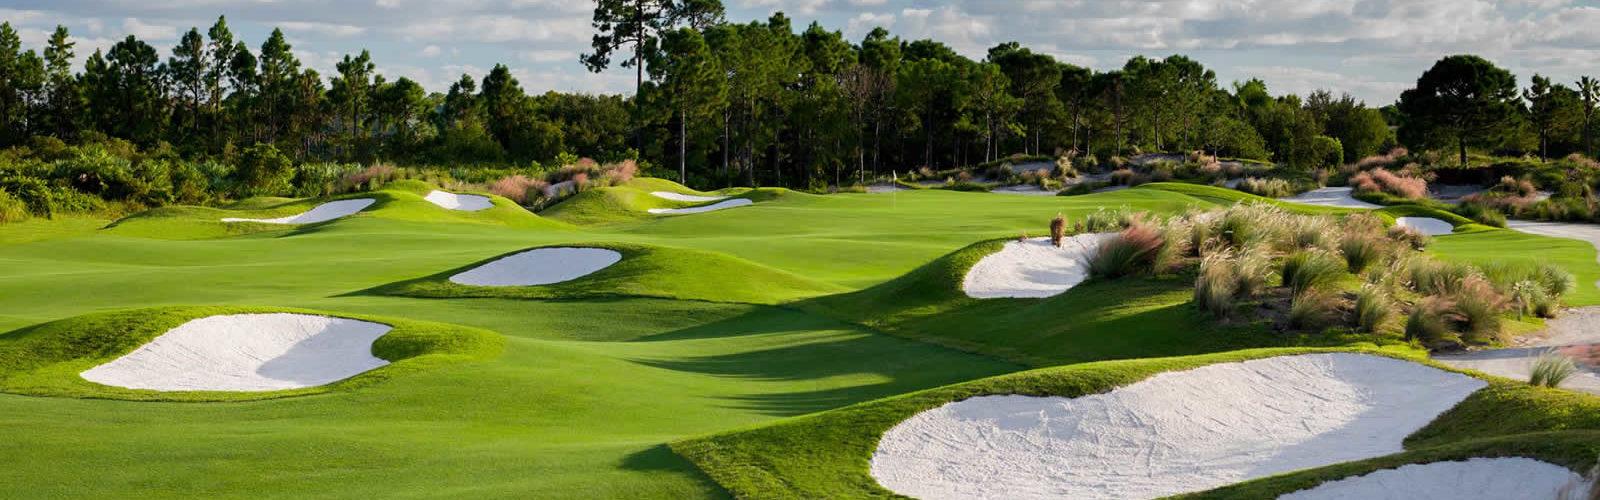 parcours-golf-18-trous-une2